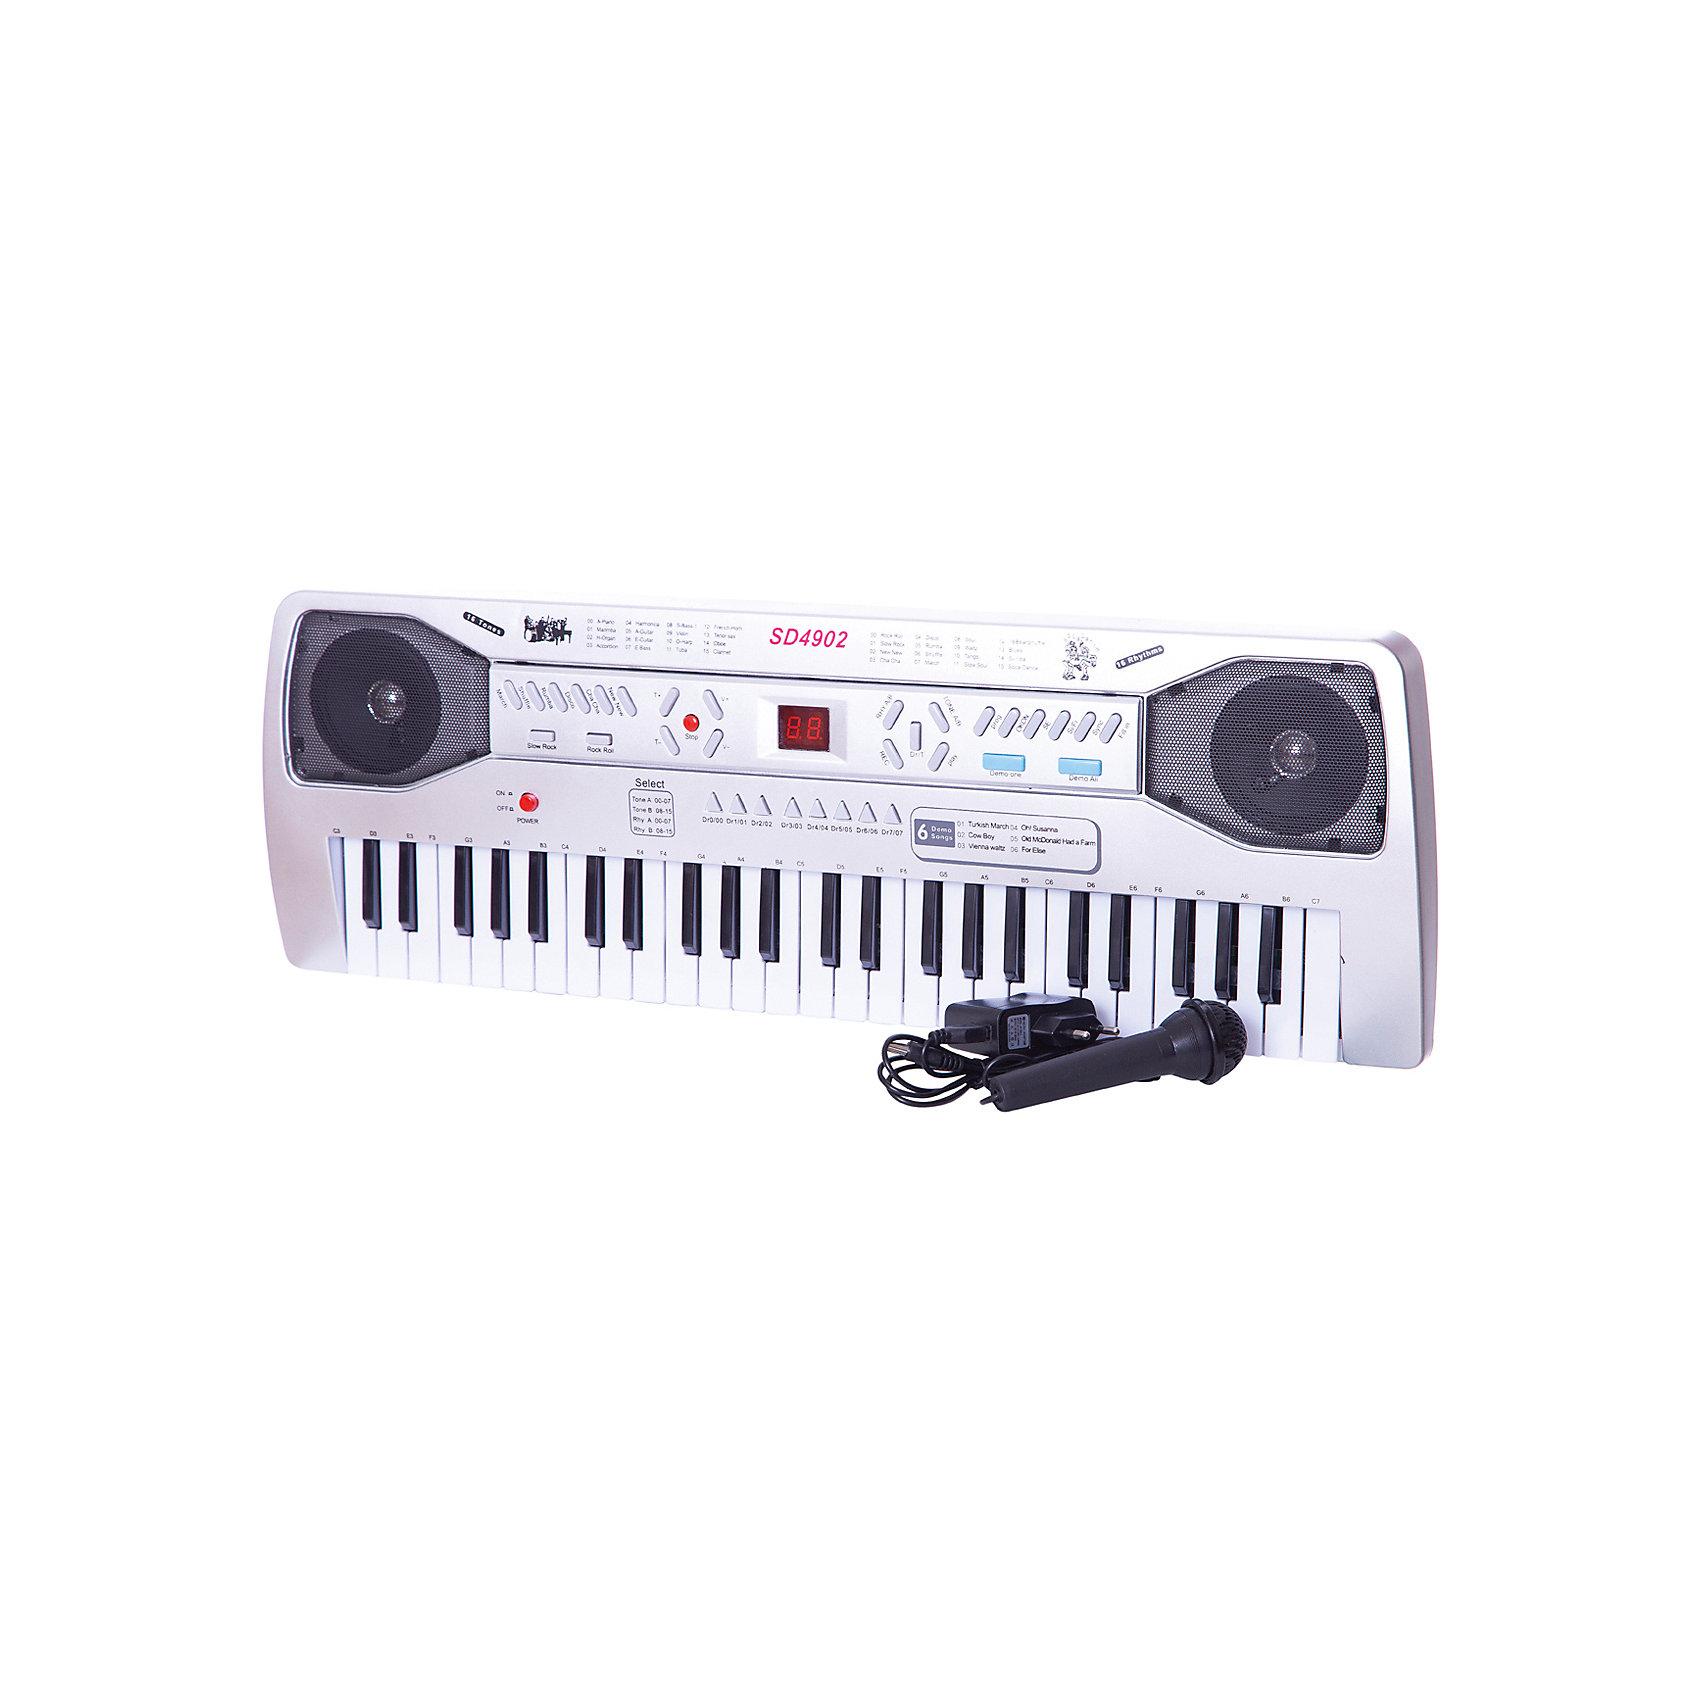 - Синтезатор, 49 клавиш,  DoReMi синтезатор yamaha psr550 psr740 s900 910